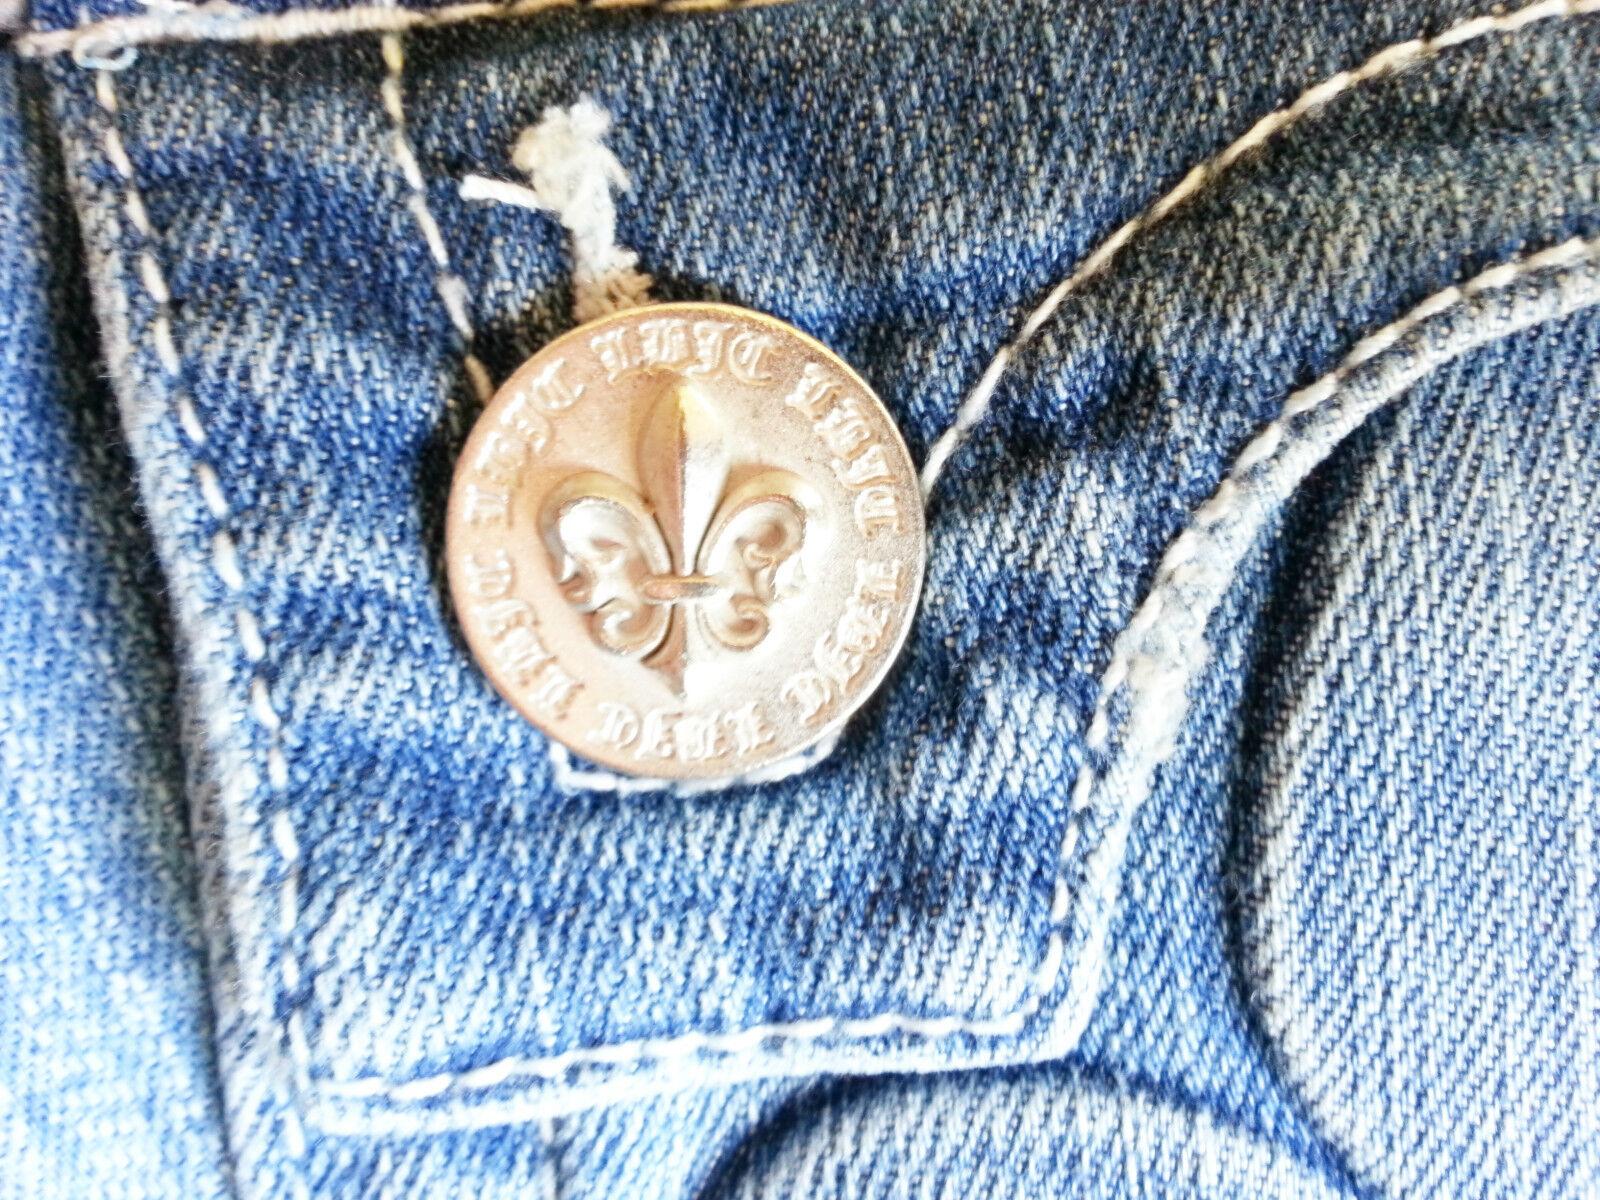 LAGUNA BEACH Phantom Pocket Damen damen damen damen Jeans HERMOSA BEACH W27 28 29 30 W31 7773be